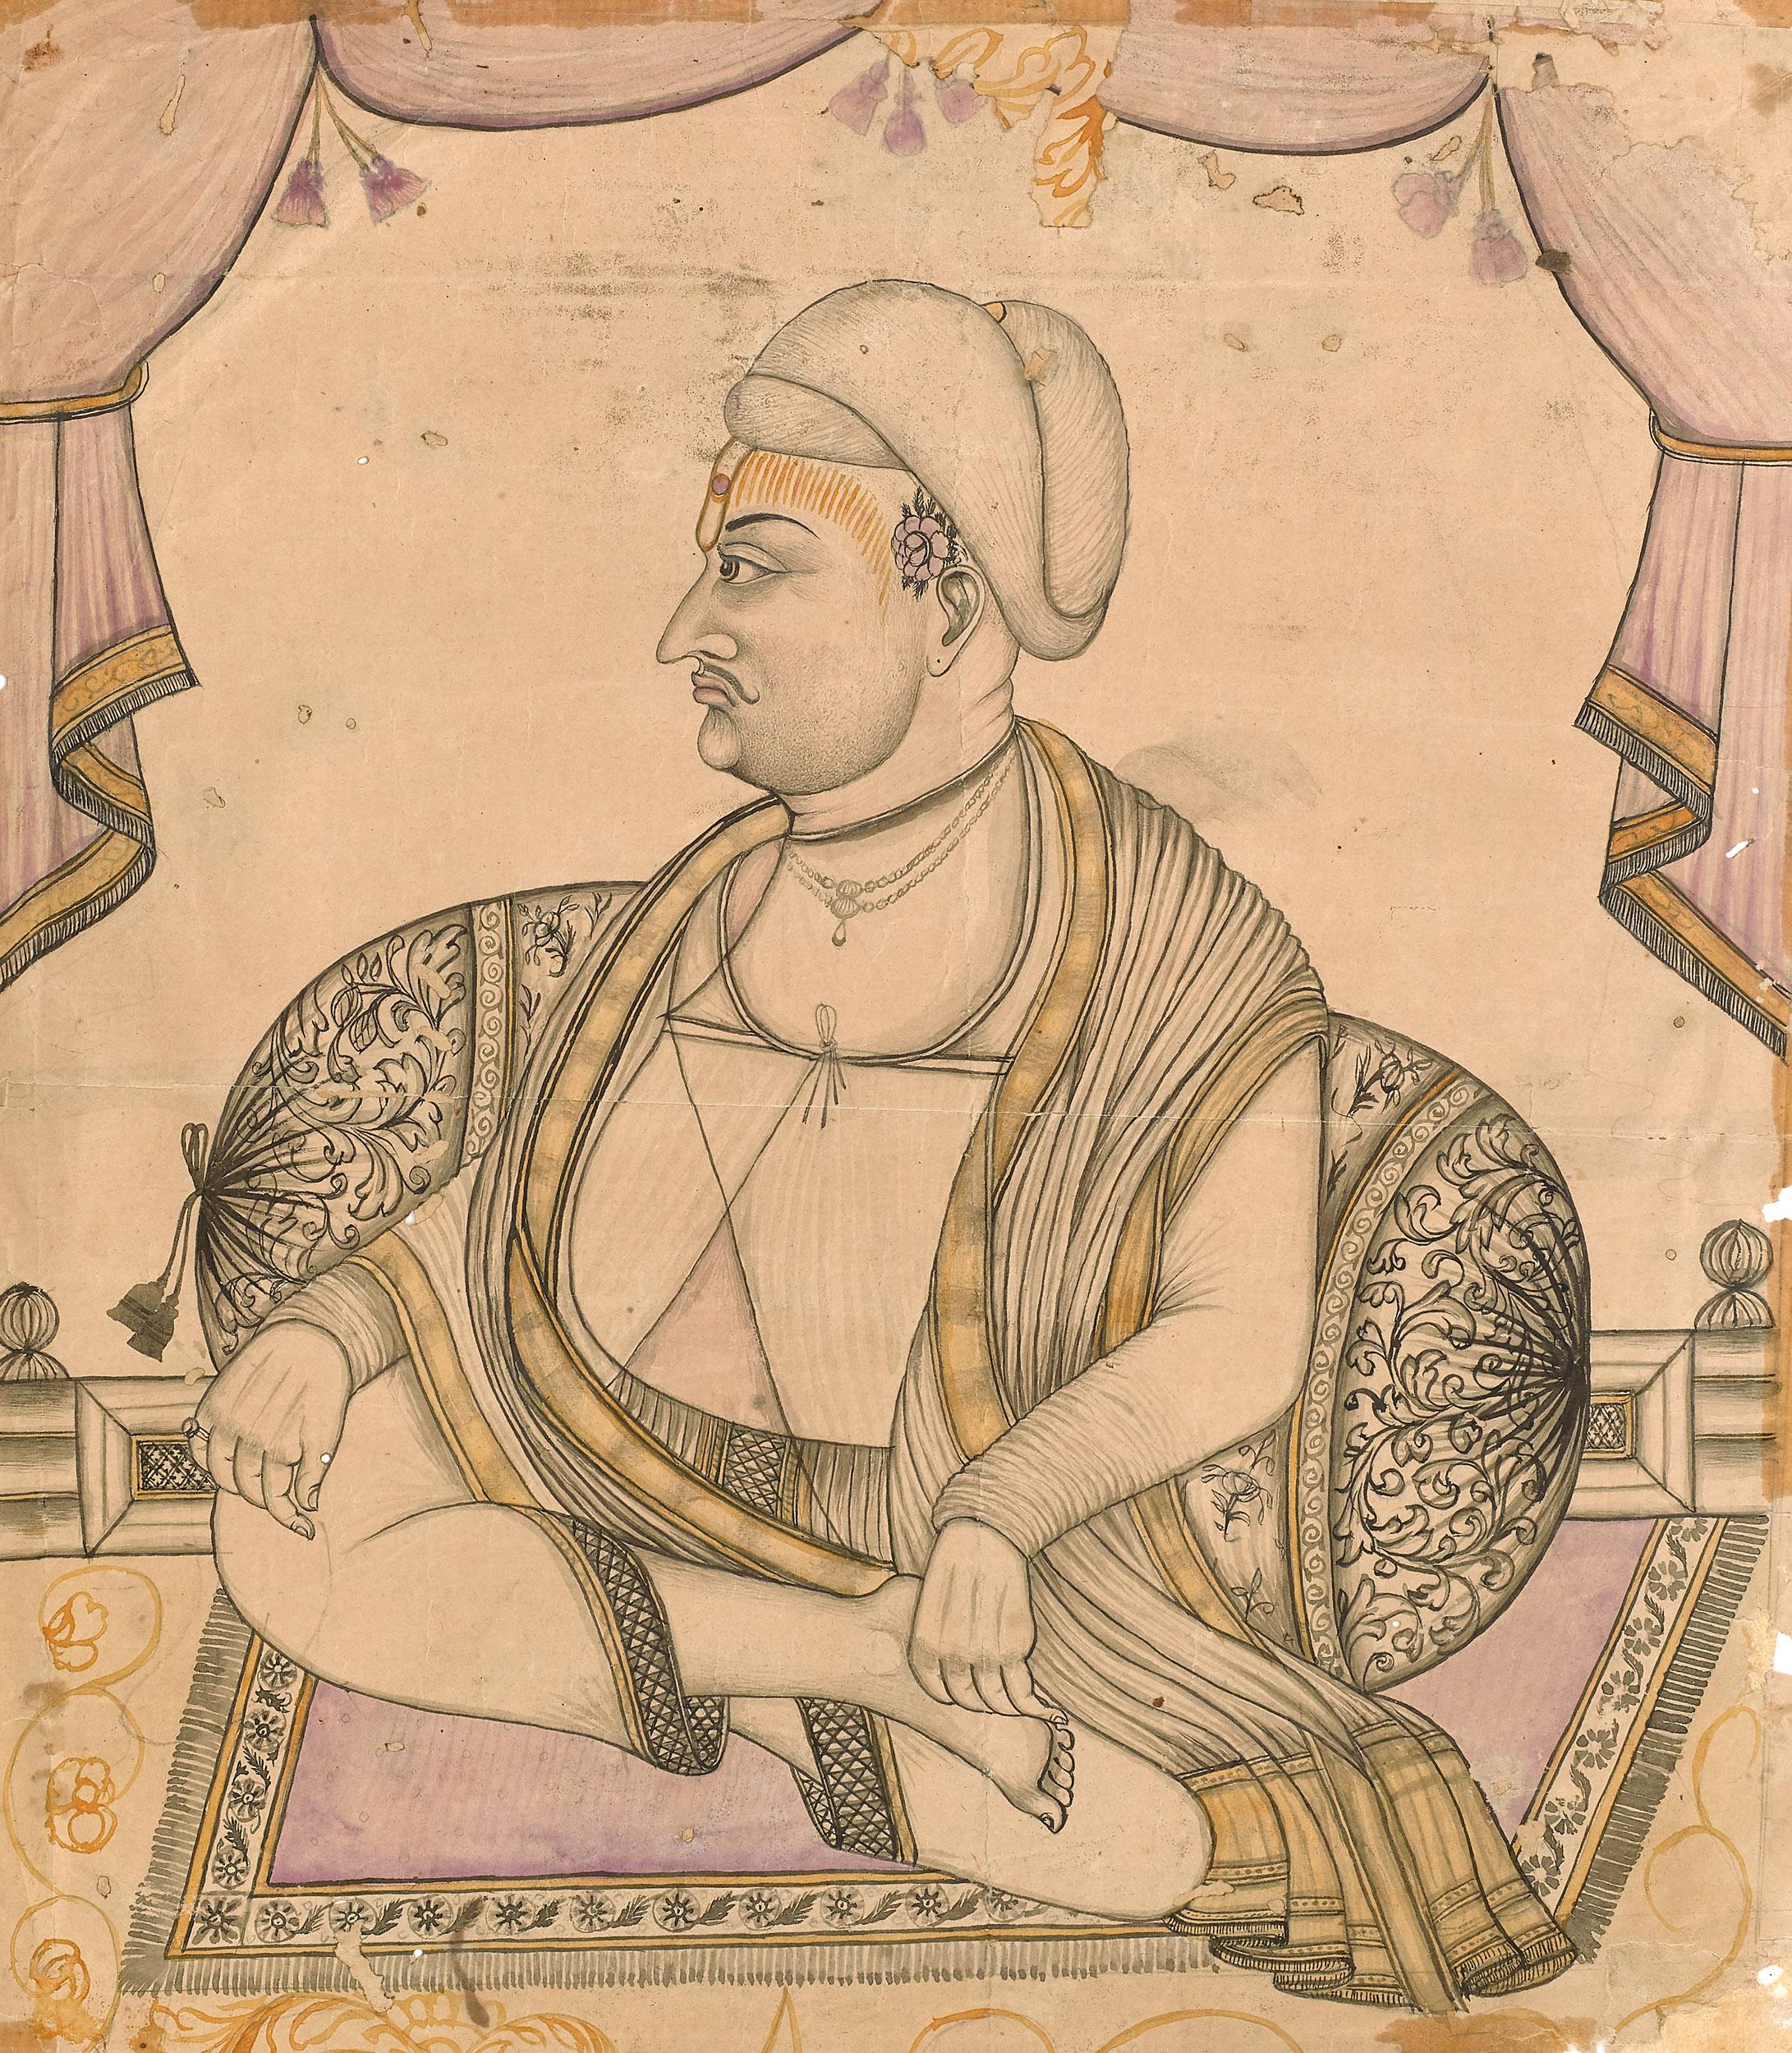 Ayodhyaprasadji Maharaj